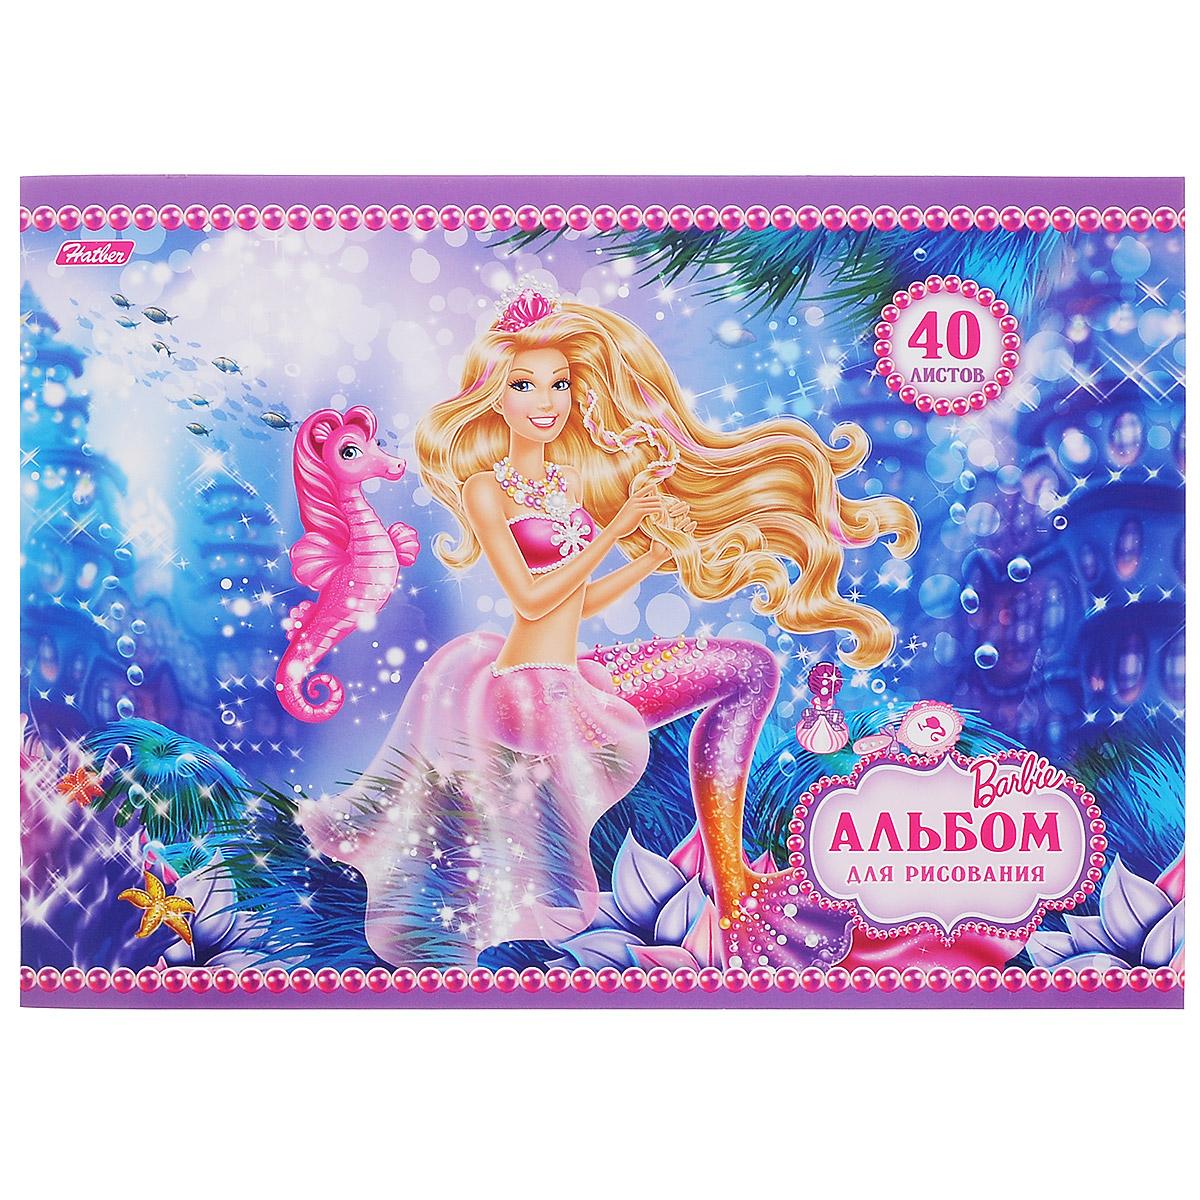 Альбом для рисования Hatber Barbie заплетает косы, 40 листов72523WDАльбом для рисования Hatber Barbie заплетает косы непременно порадует маленького художника и вдохновит его на творчество. Альбом изготовлен из белоснежной офсетной бумаги с яркой обложкой из мелованного картона, оформленной изображением Барби-русалочки. Высокое качество бумаги позволяет рисовать в альбоме карандашами, фломастерами, акварельными и гуашевыми красками. Рекомендуемый возраст: 0+.